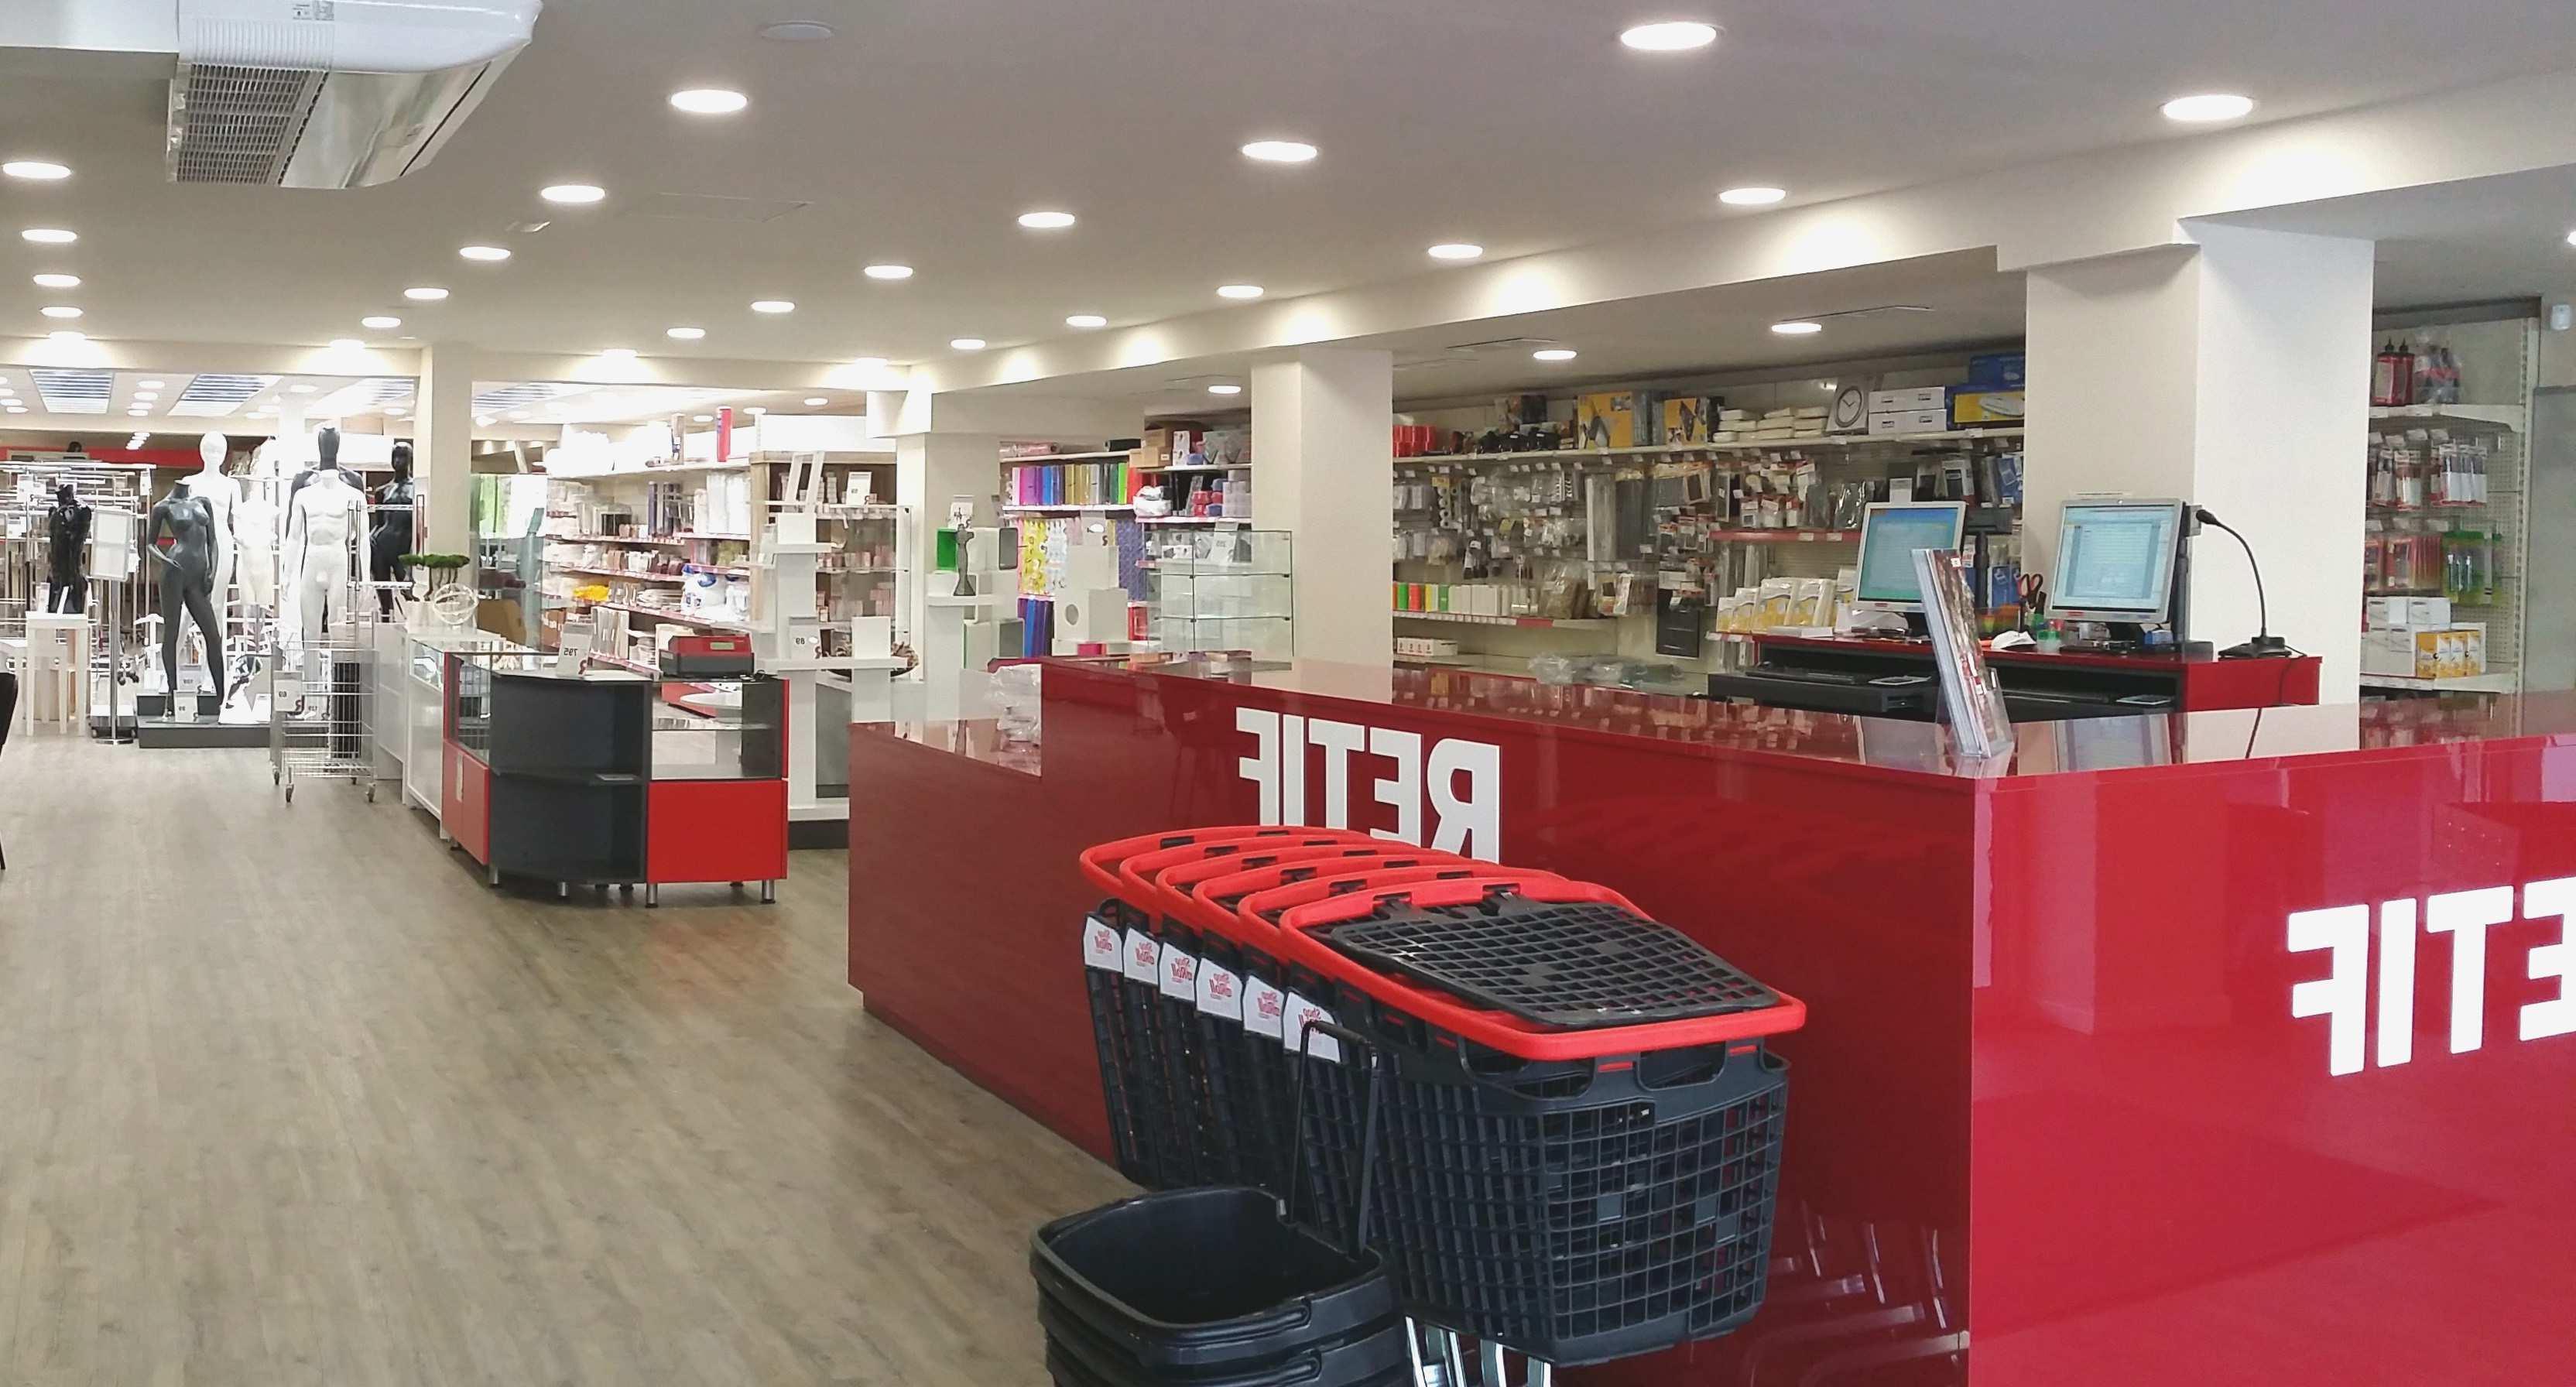 Tiendas De Muebles En asturias Drdp Tiendas Muebles asturias Muebles De Cocina asturias Excellent